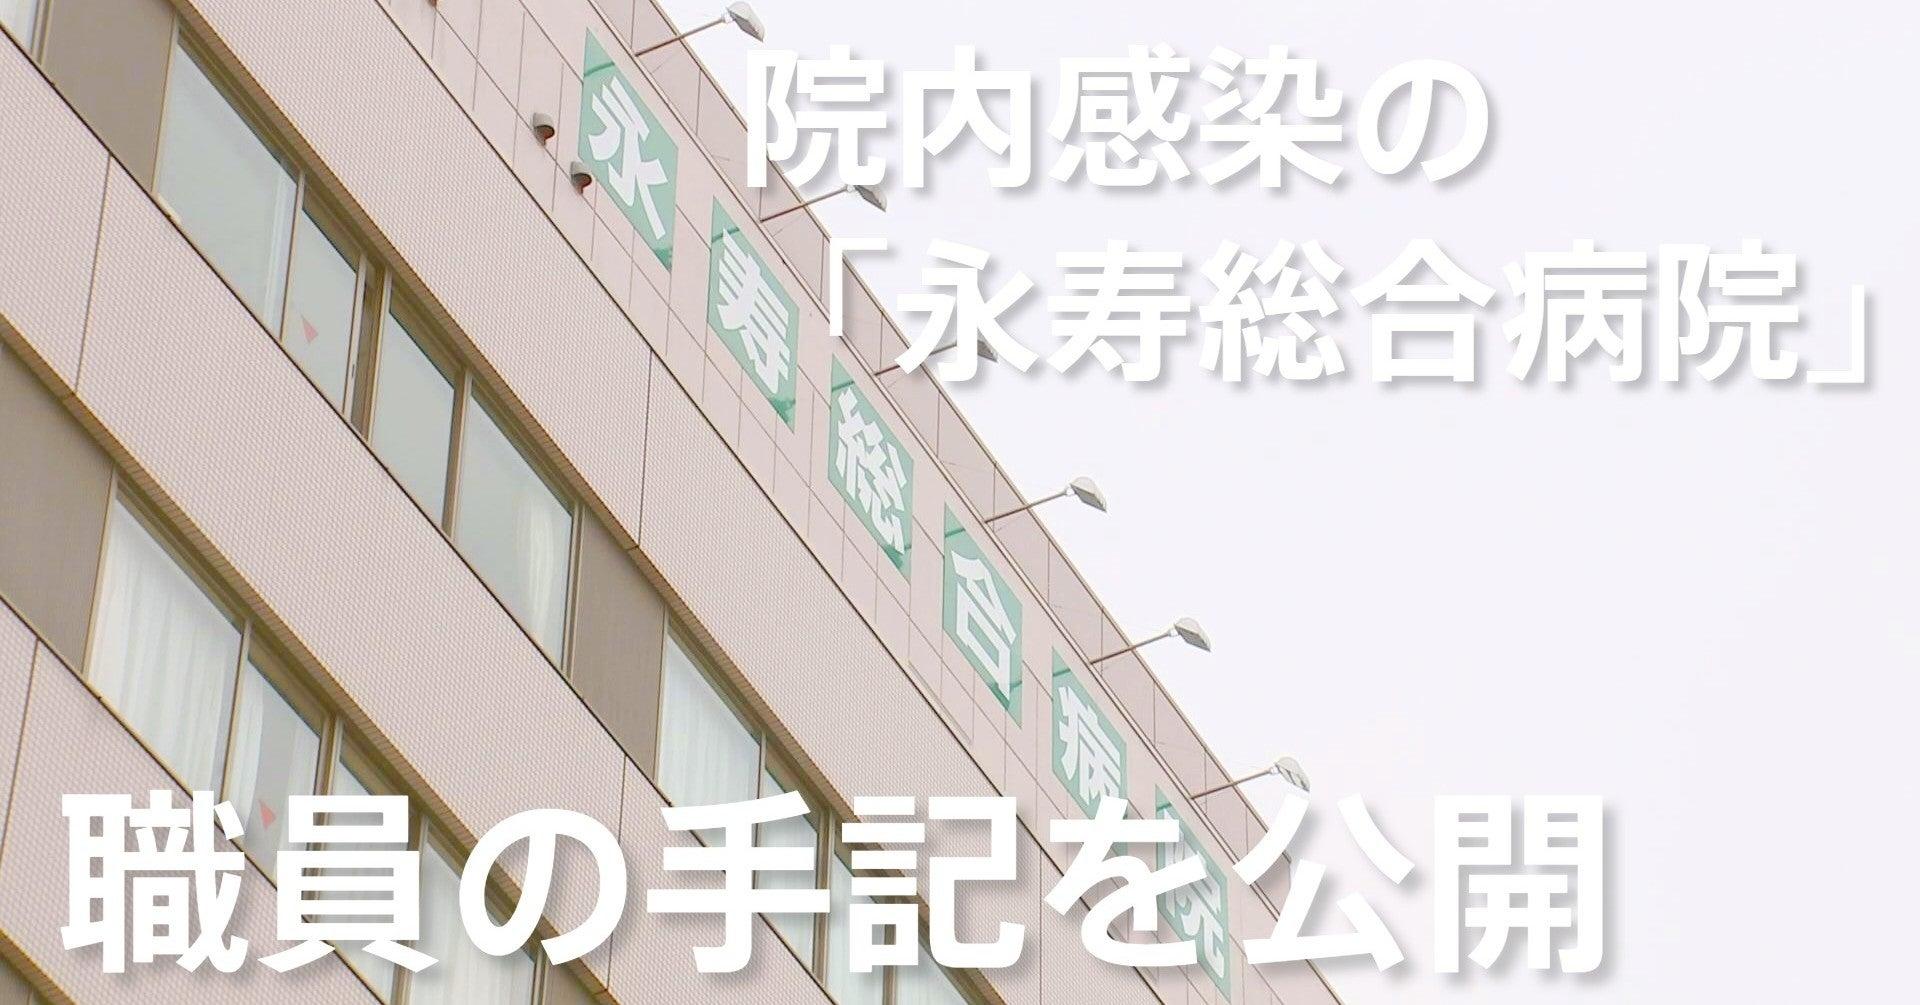 永寿 総合 病院 評判